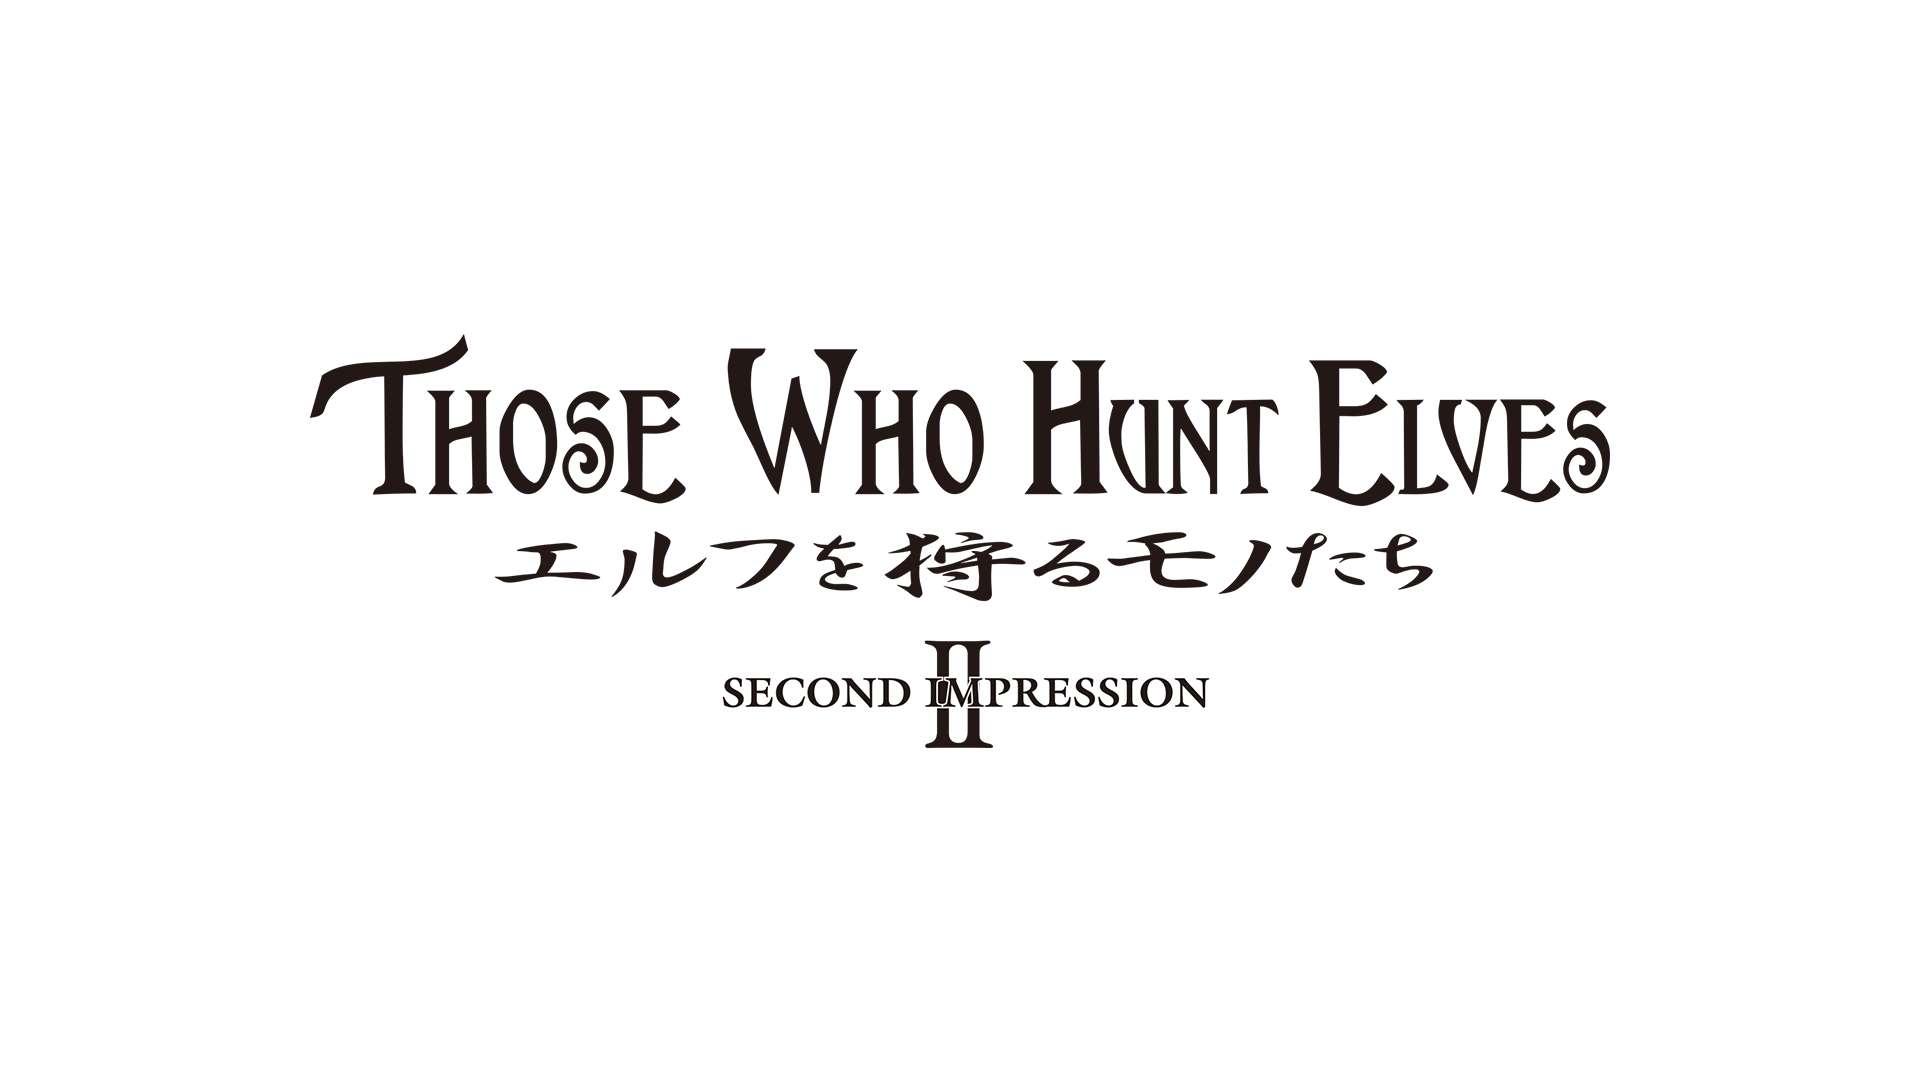 エルフを狩るモノたちII